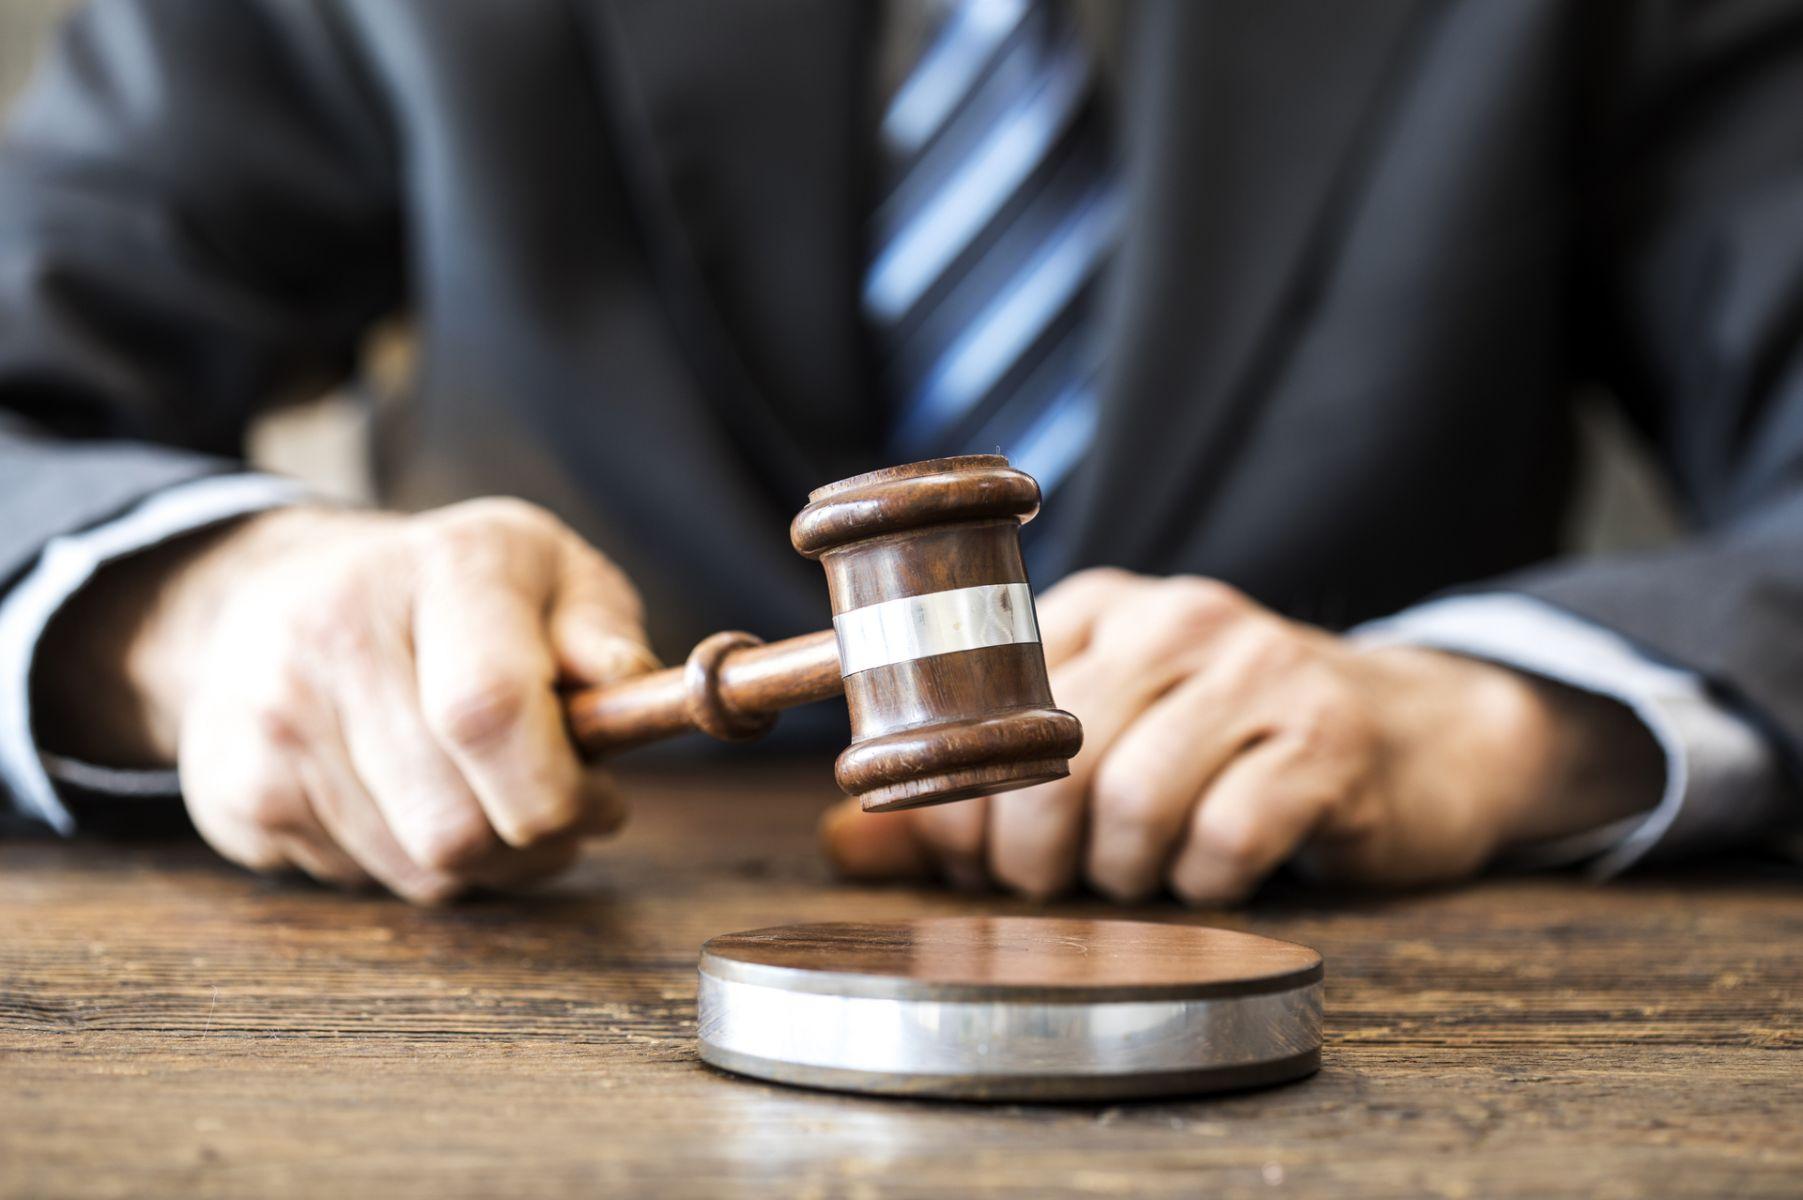 失智商人2個月被騙1億!打官司多敗訴 律師點出關鍵